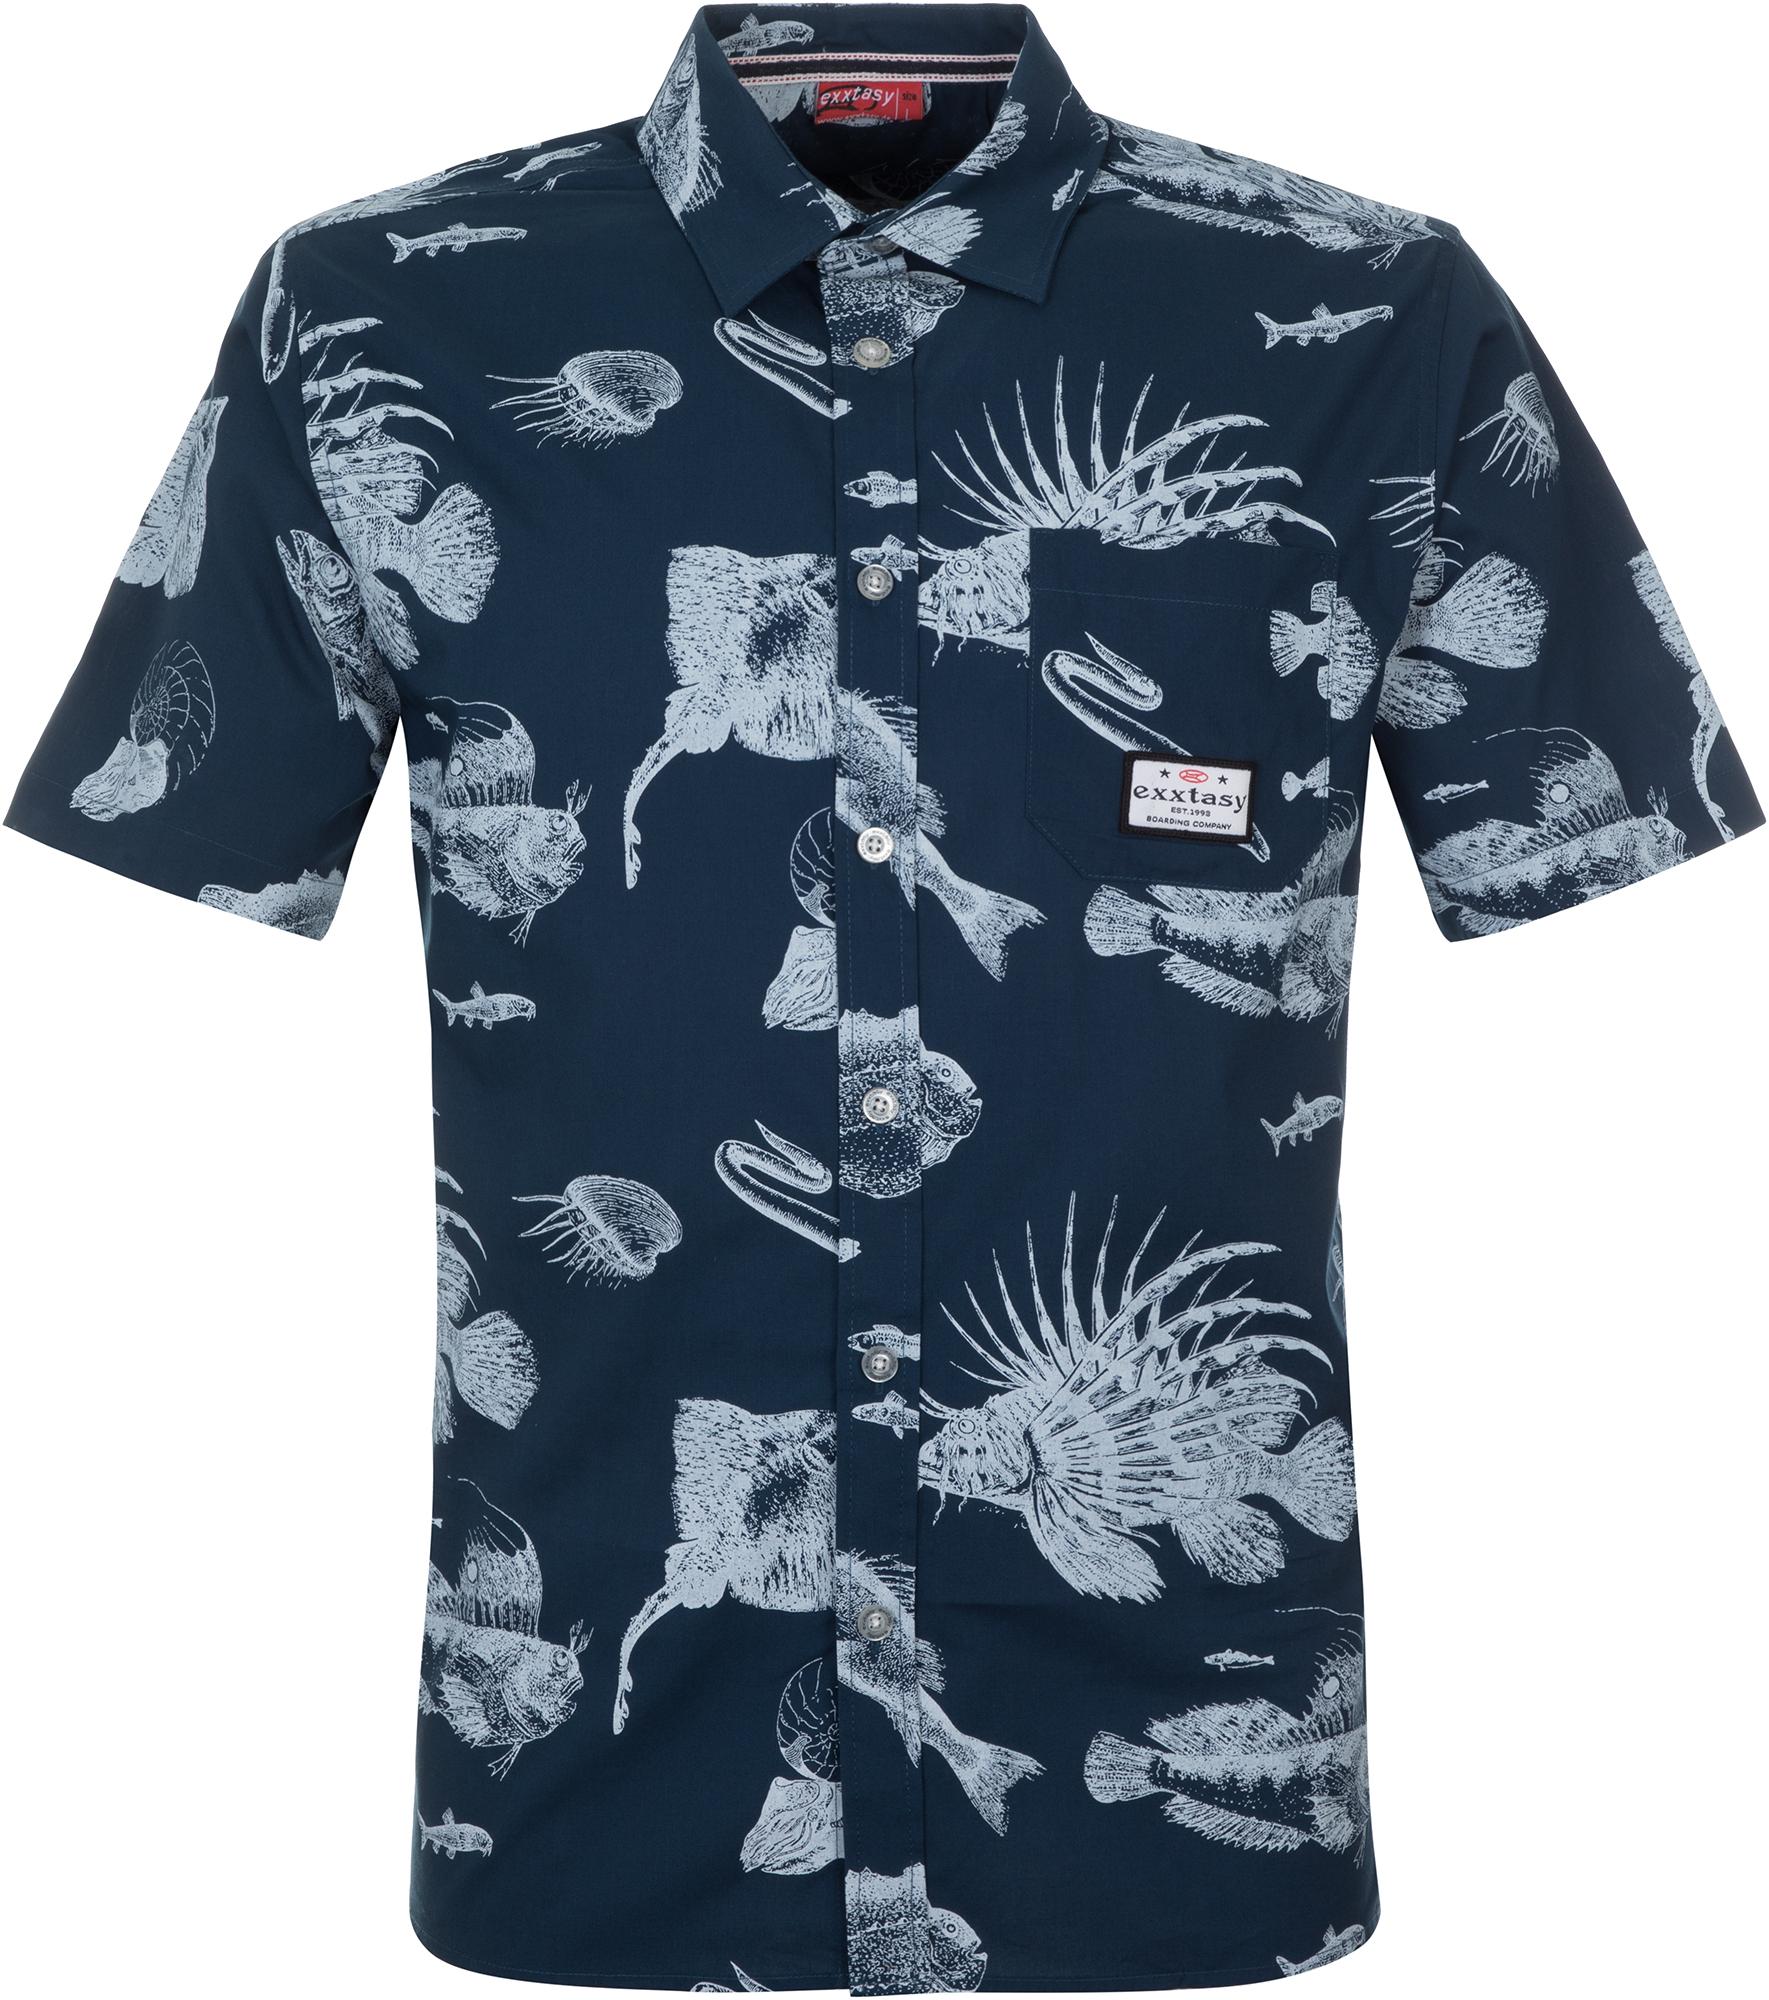 Exxtasy Рубашка мужская Concord, размер 44-46